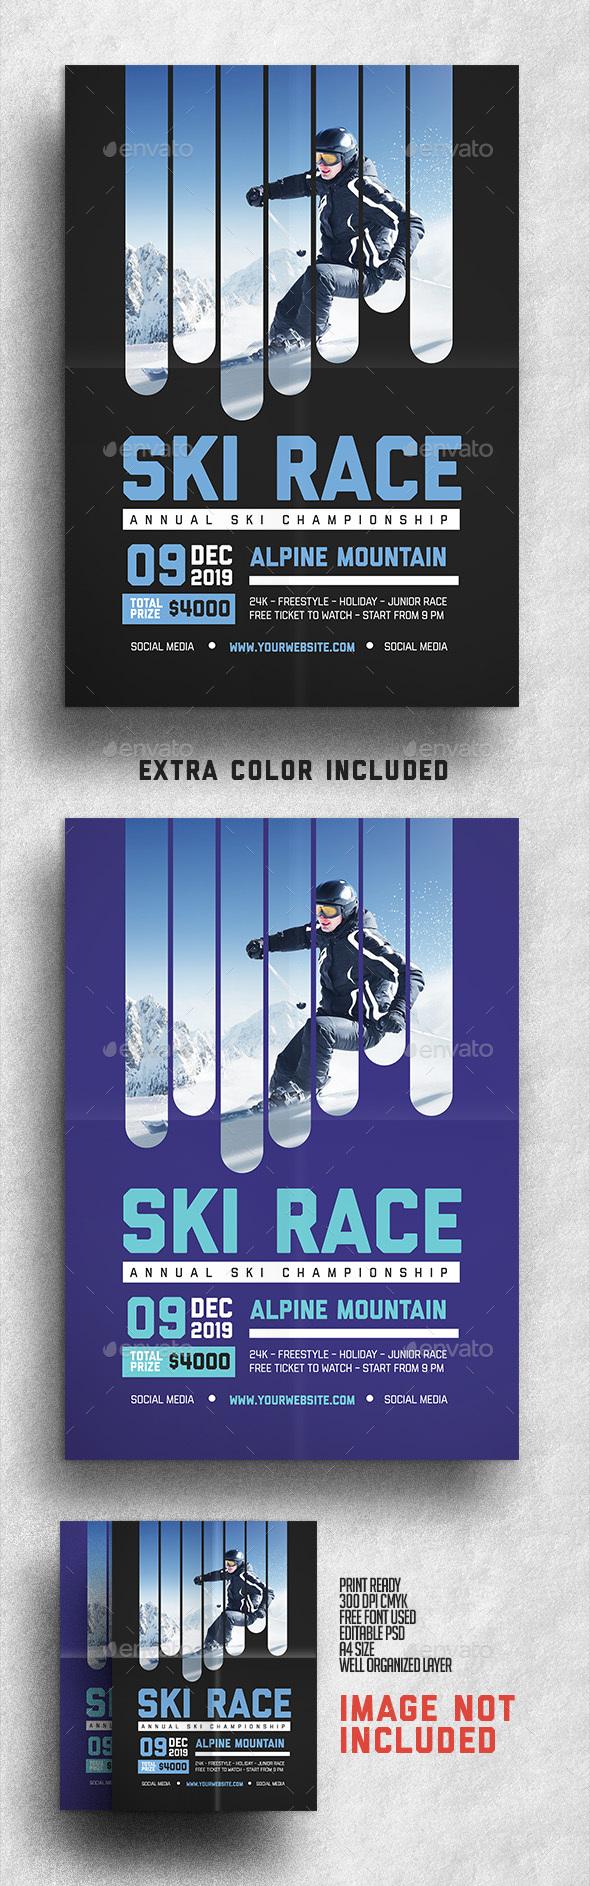 Ski Race Flyer - Sports Events